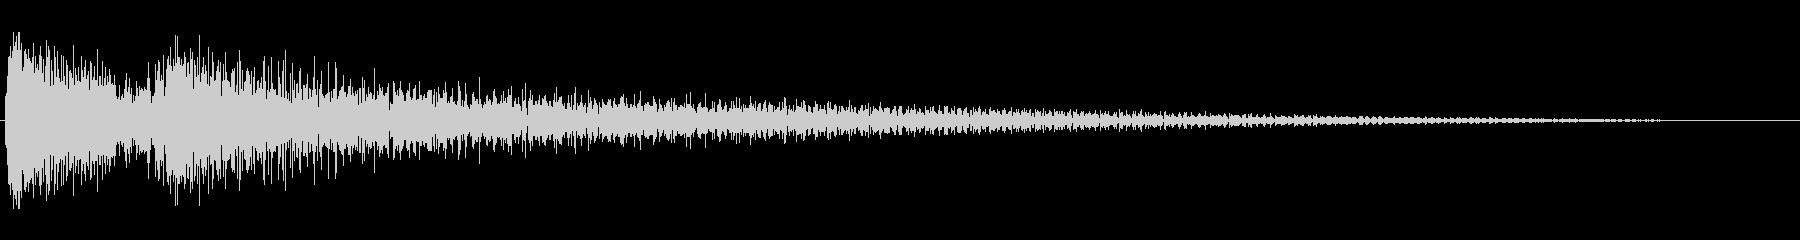 エレキギター:トゥーコードストラム...の未再生の波形